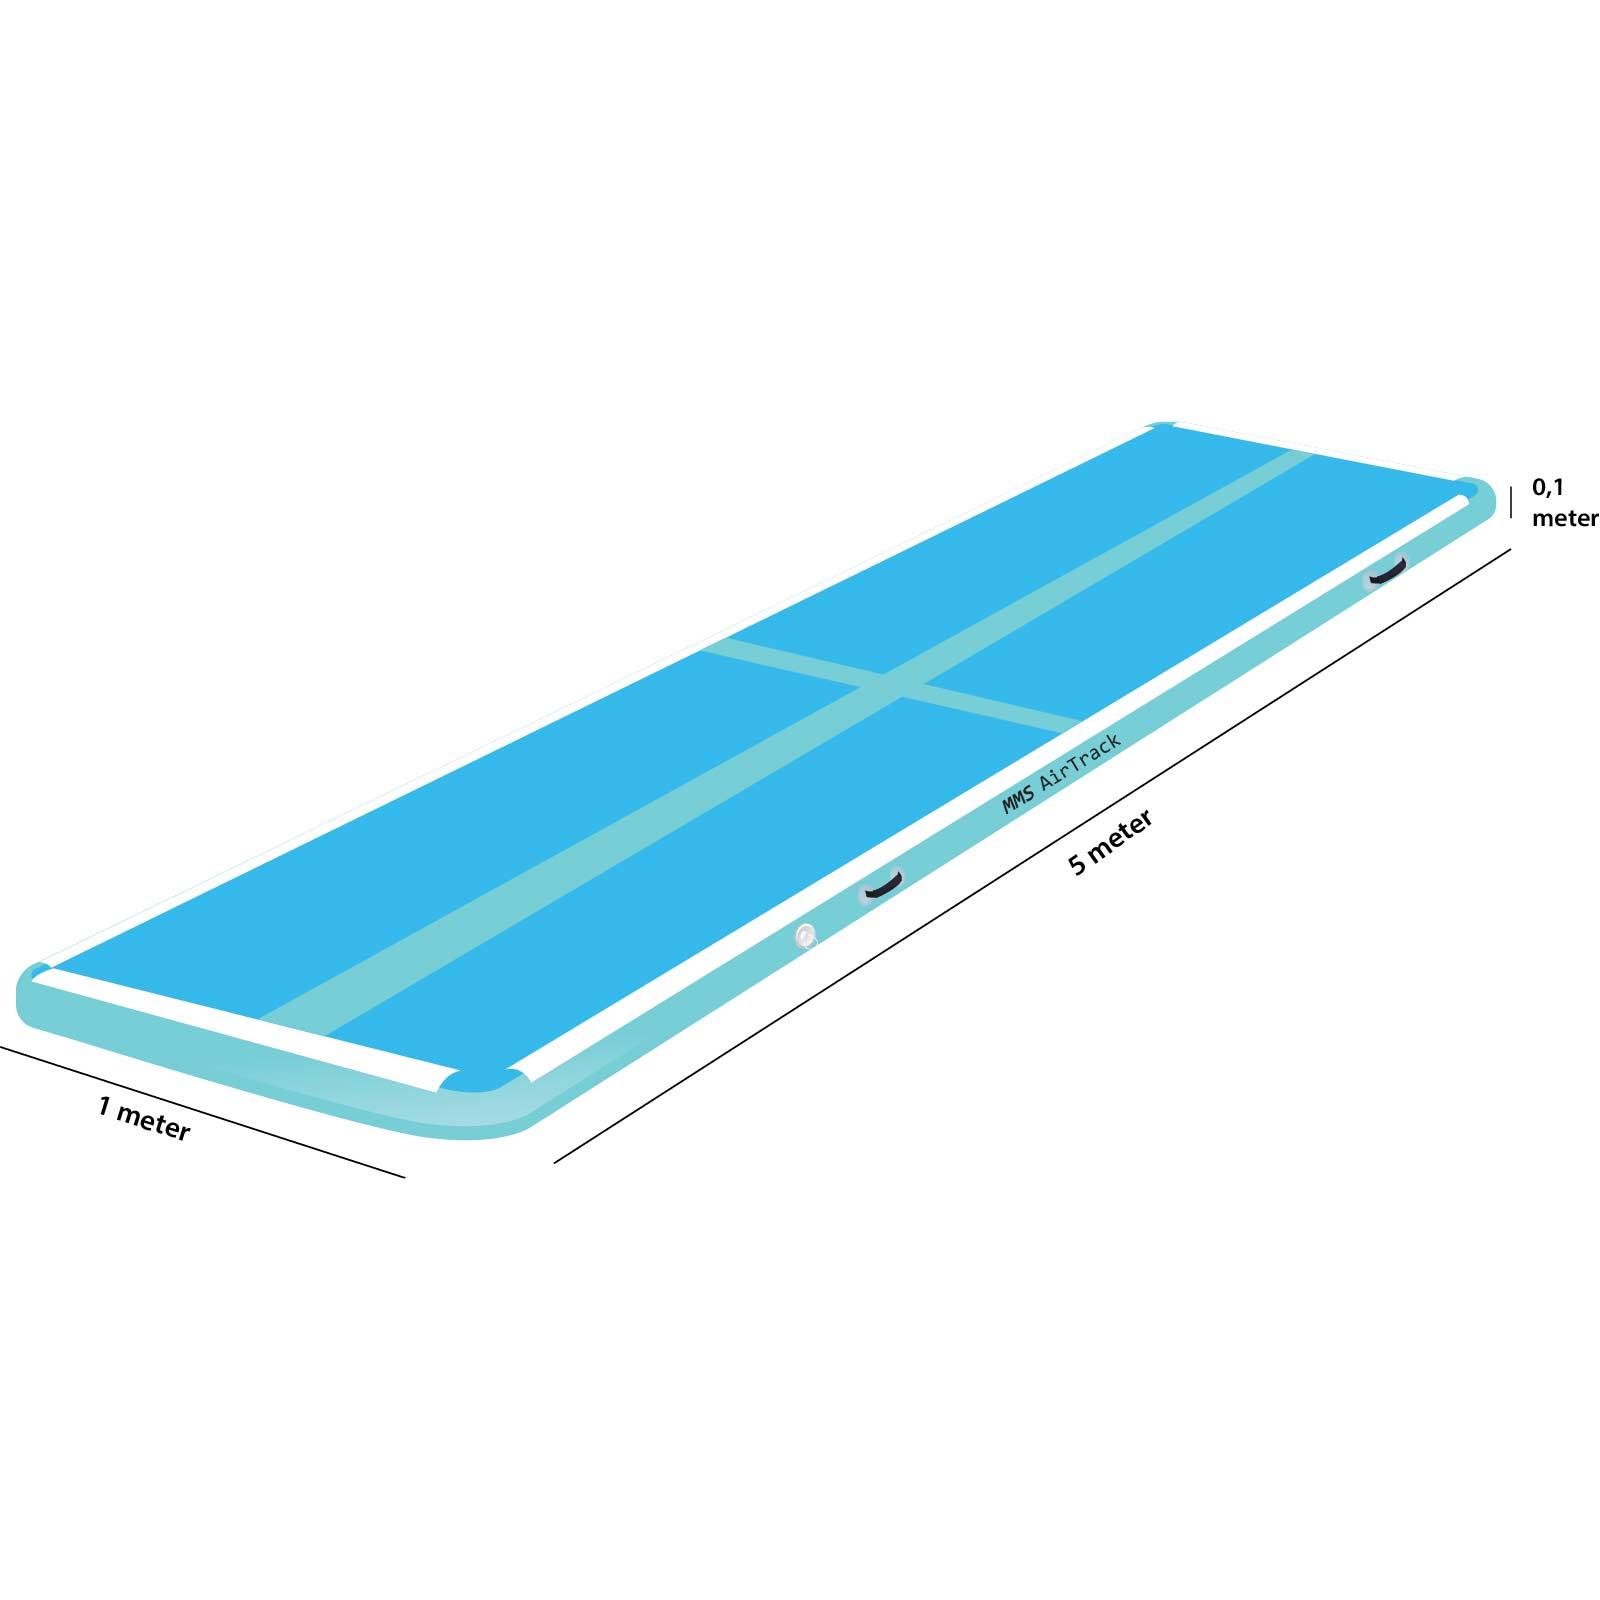 Airtrack 5 met x 1 x 0,1 blauw